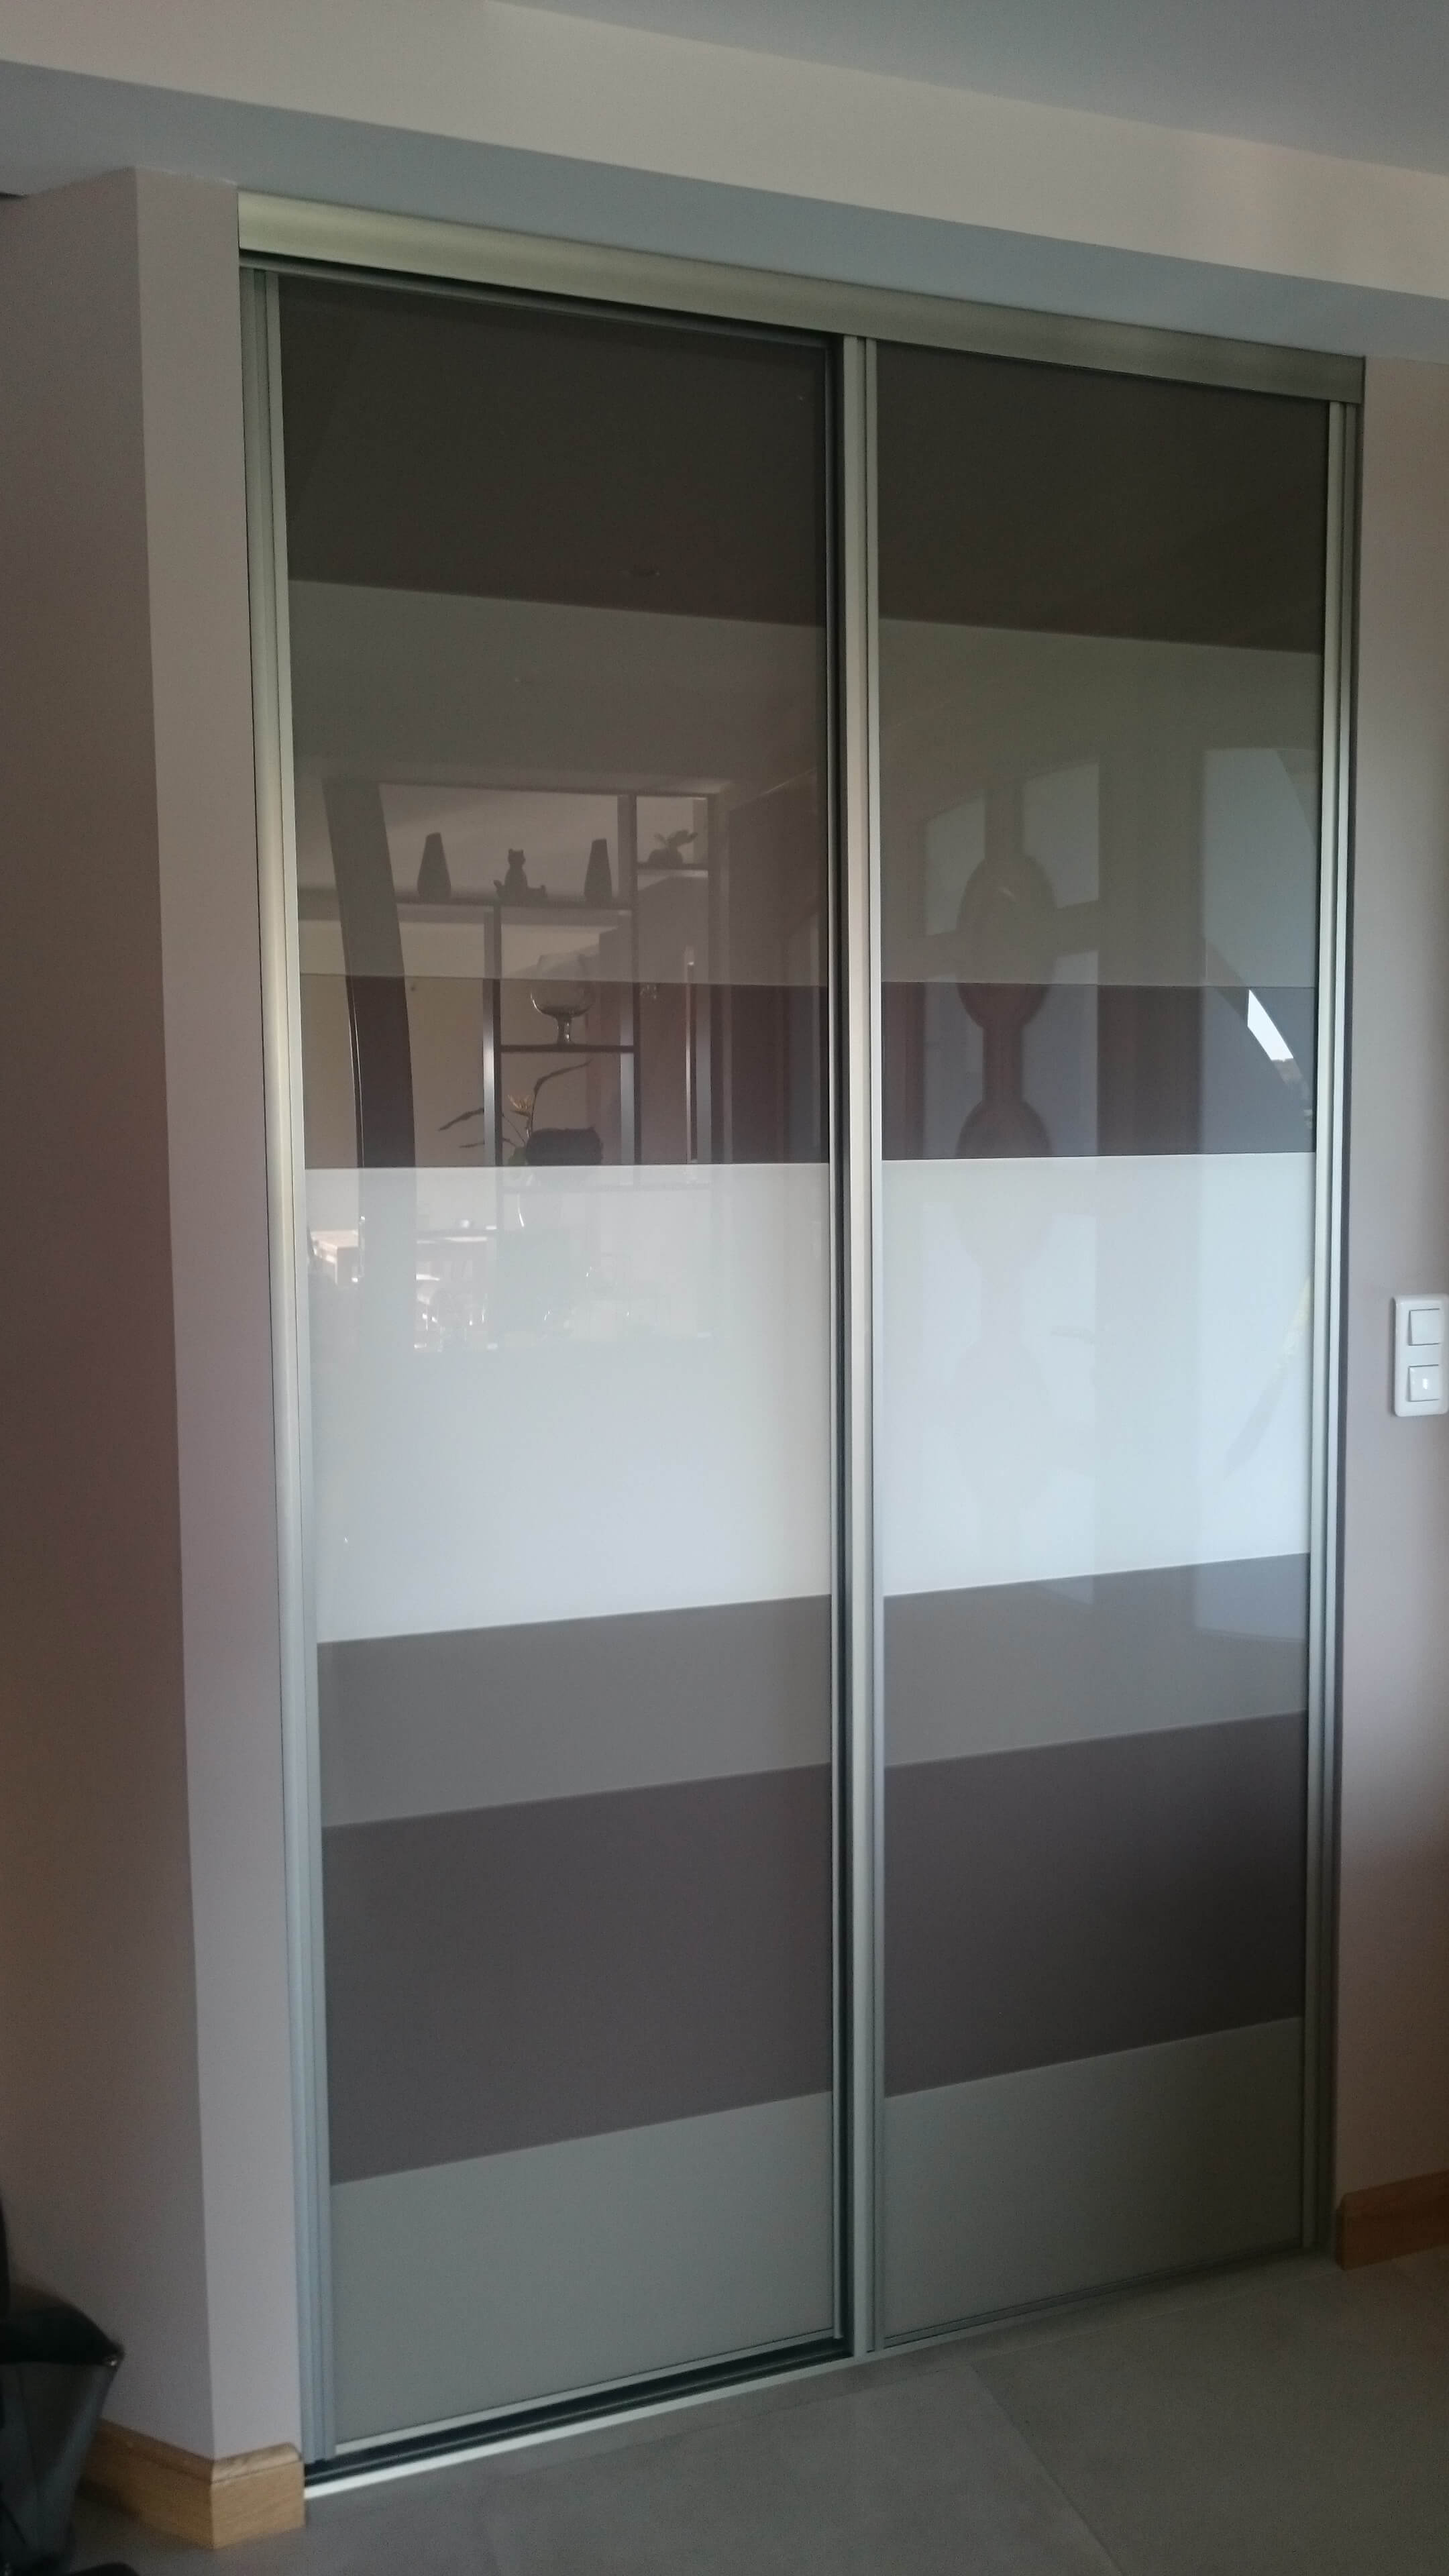 Menuiserie Figard - Fabrication sur mesure - Porte coulissante - Dressing - Verre laqué - Vesoul